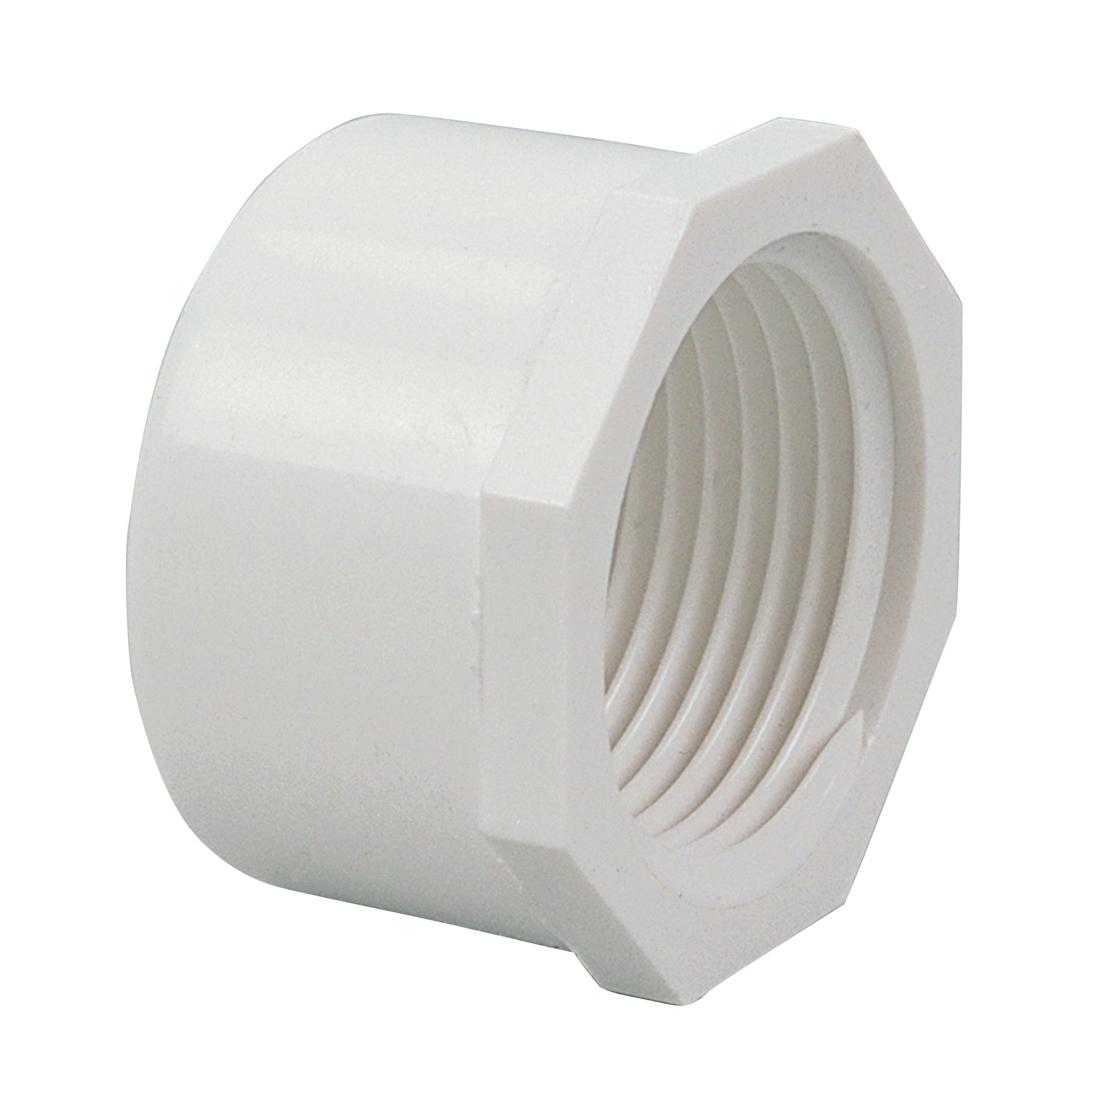 1/2 inch Cap FIPT PVC Schedule 40 Pressure Fittings